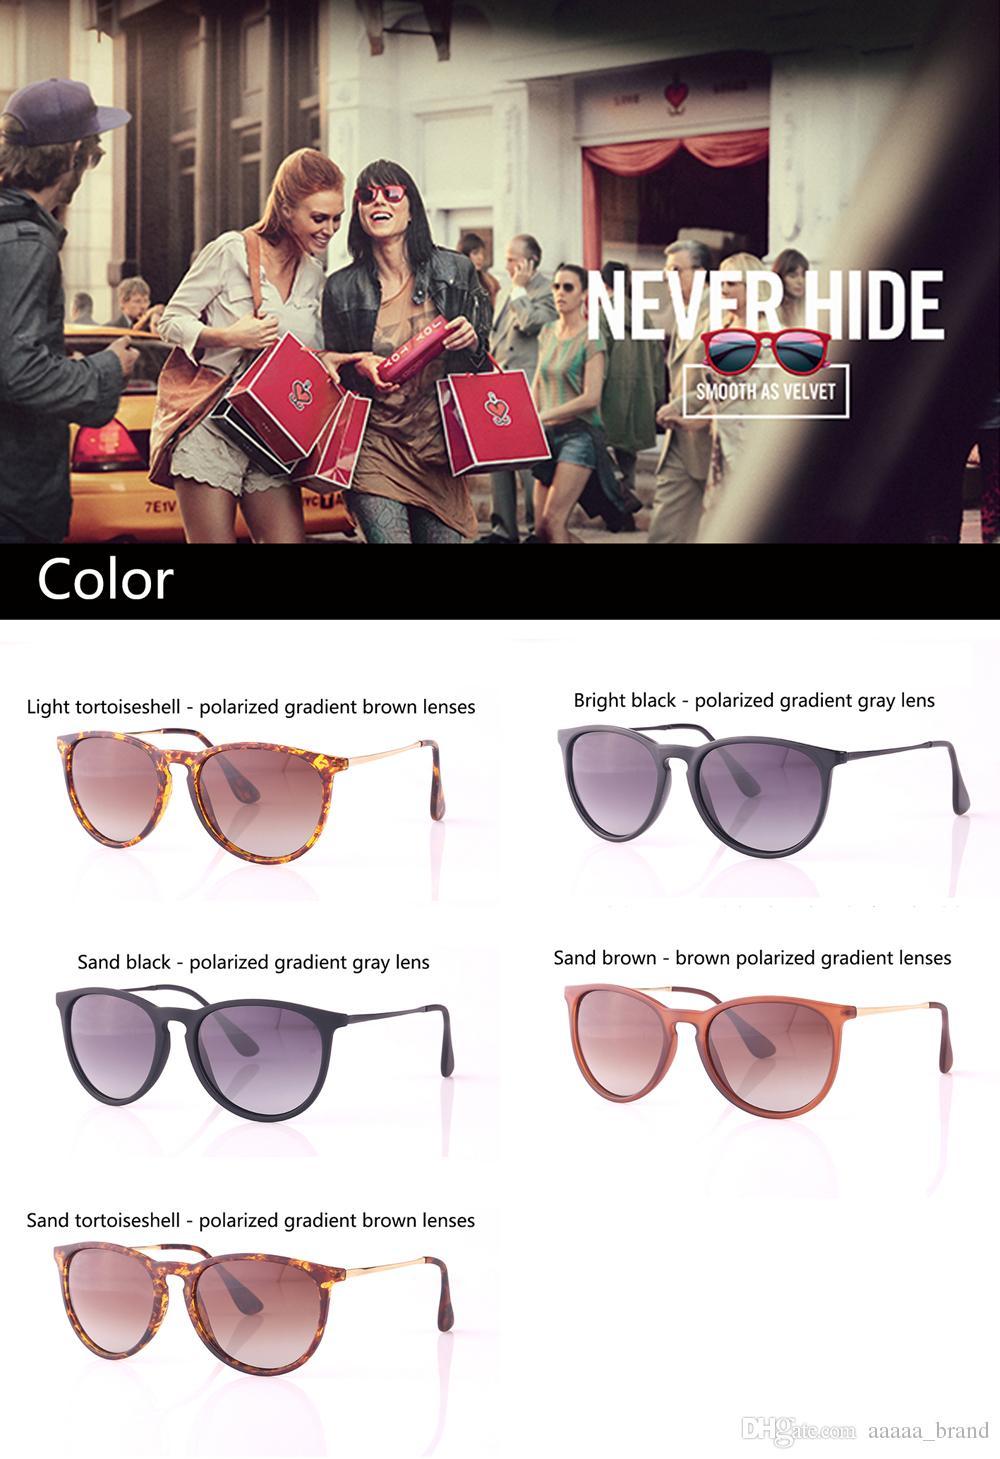 En kaliteli Polarize Lens Perakende vaka ve etiket ile Kadın Erkek Marka Tasarımcı Gözlük Spor Sürüş Güneş Gözlük Güneş gözlüğü